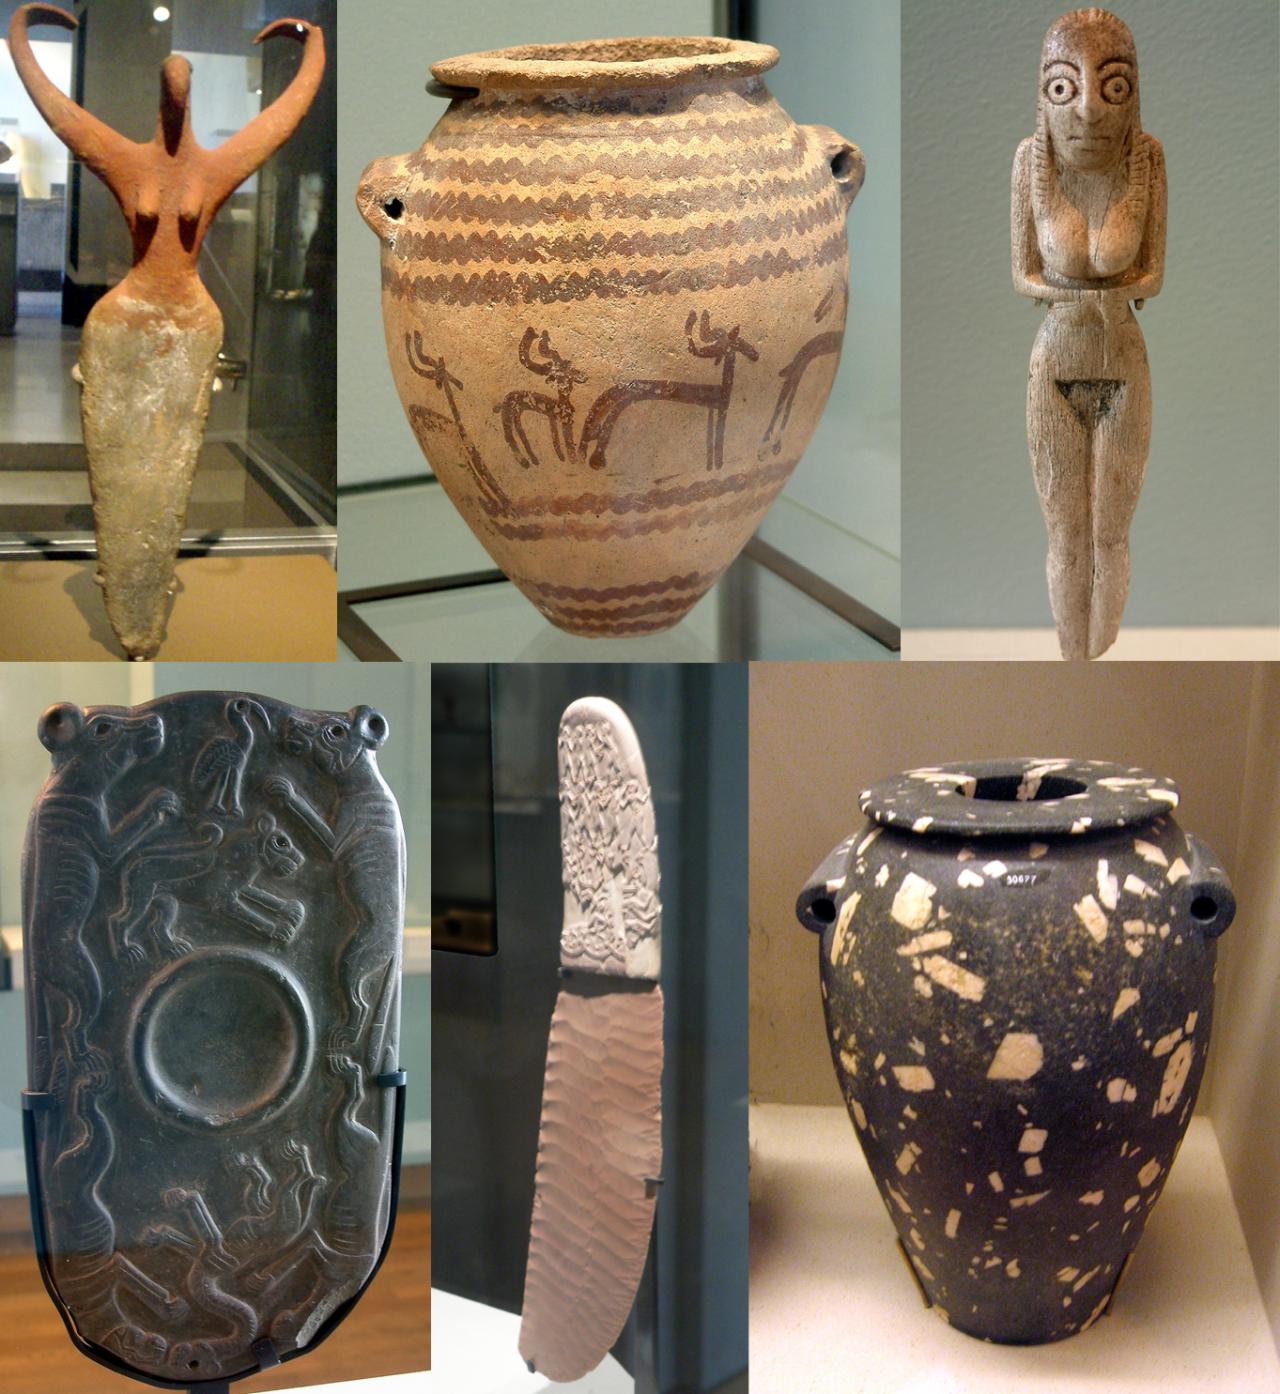 صور بحث عن عصور ما قبل التاريخ , احلى مقدمه فى بحث عن عصور ماقبل التاريخ